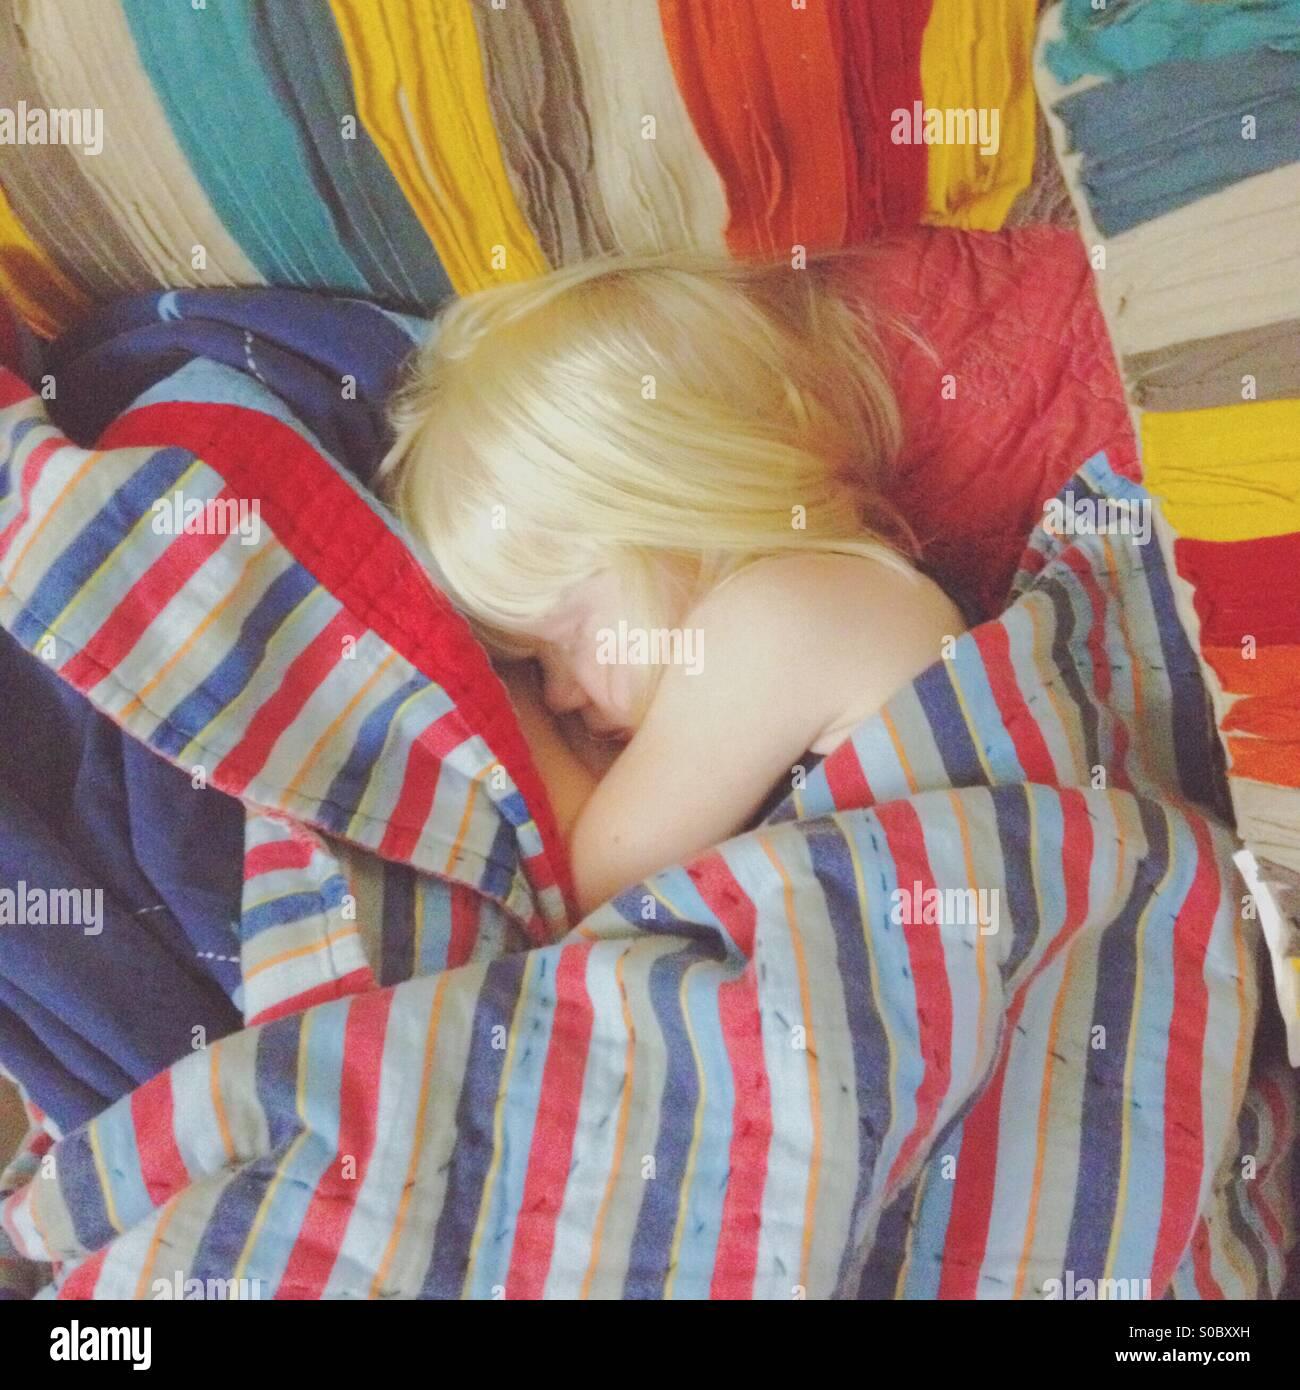 Junge blondes Mädchen schlief eingewickelt in einer Reihe von bunten decken. Stockbild